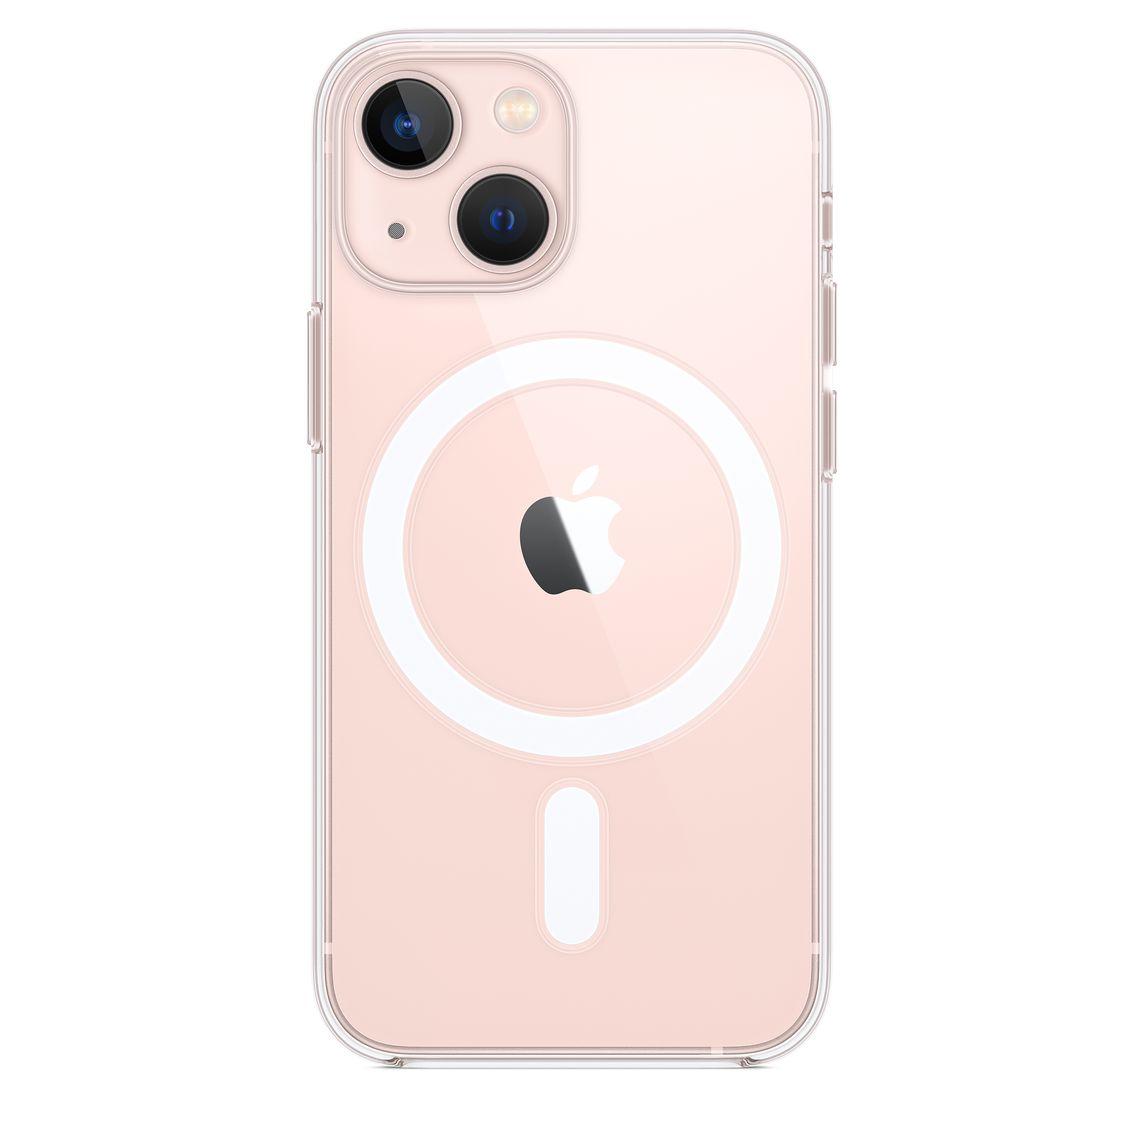 Ốp lưng iPhone 13 mini Clear Case with MagSafe Chính Hãng